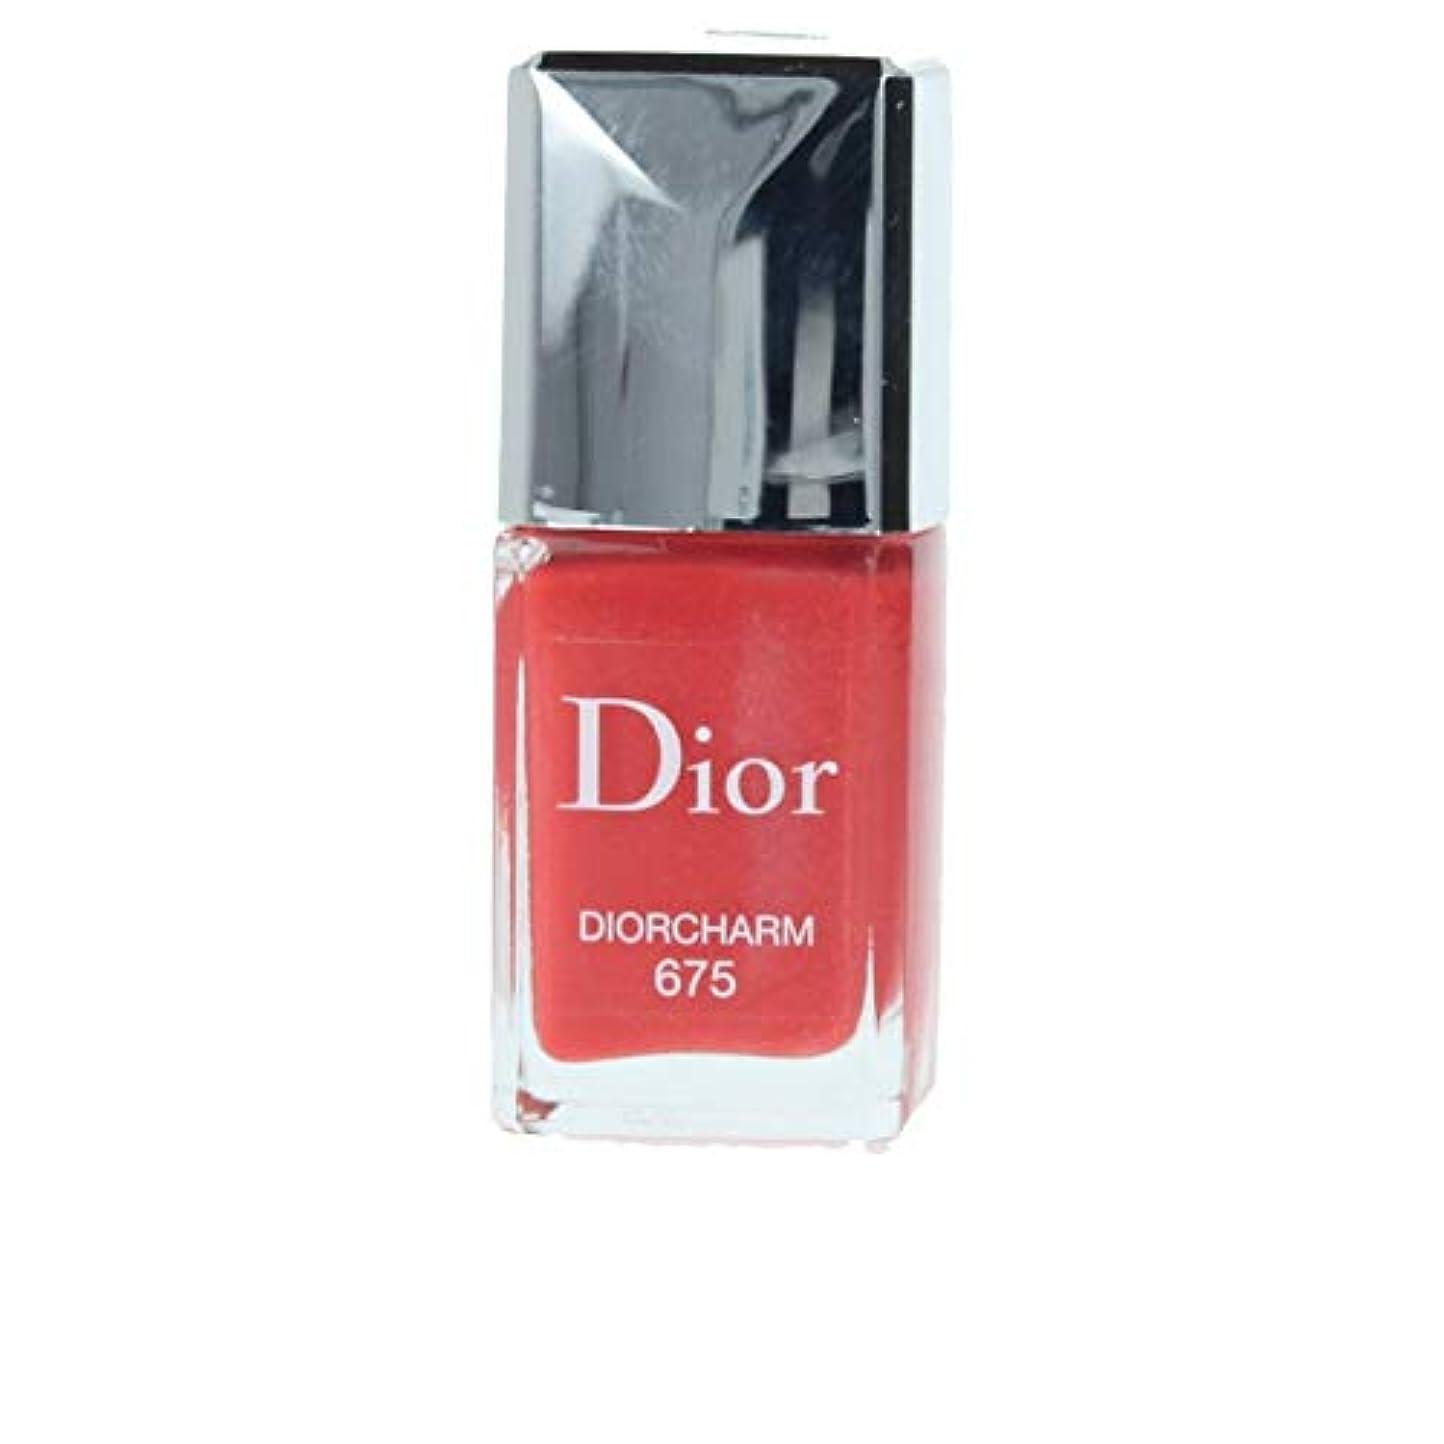 果てしない殺す子音Dior(ディオール) ディオール ヴェルニ 19 ステラーシャイン限定 10ml (675 ディオールチャーム)